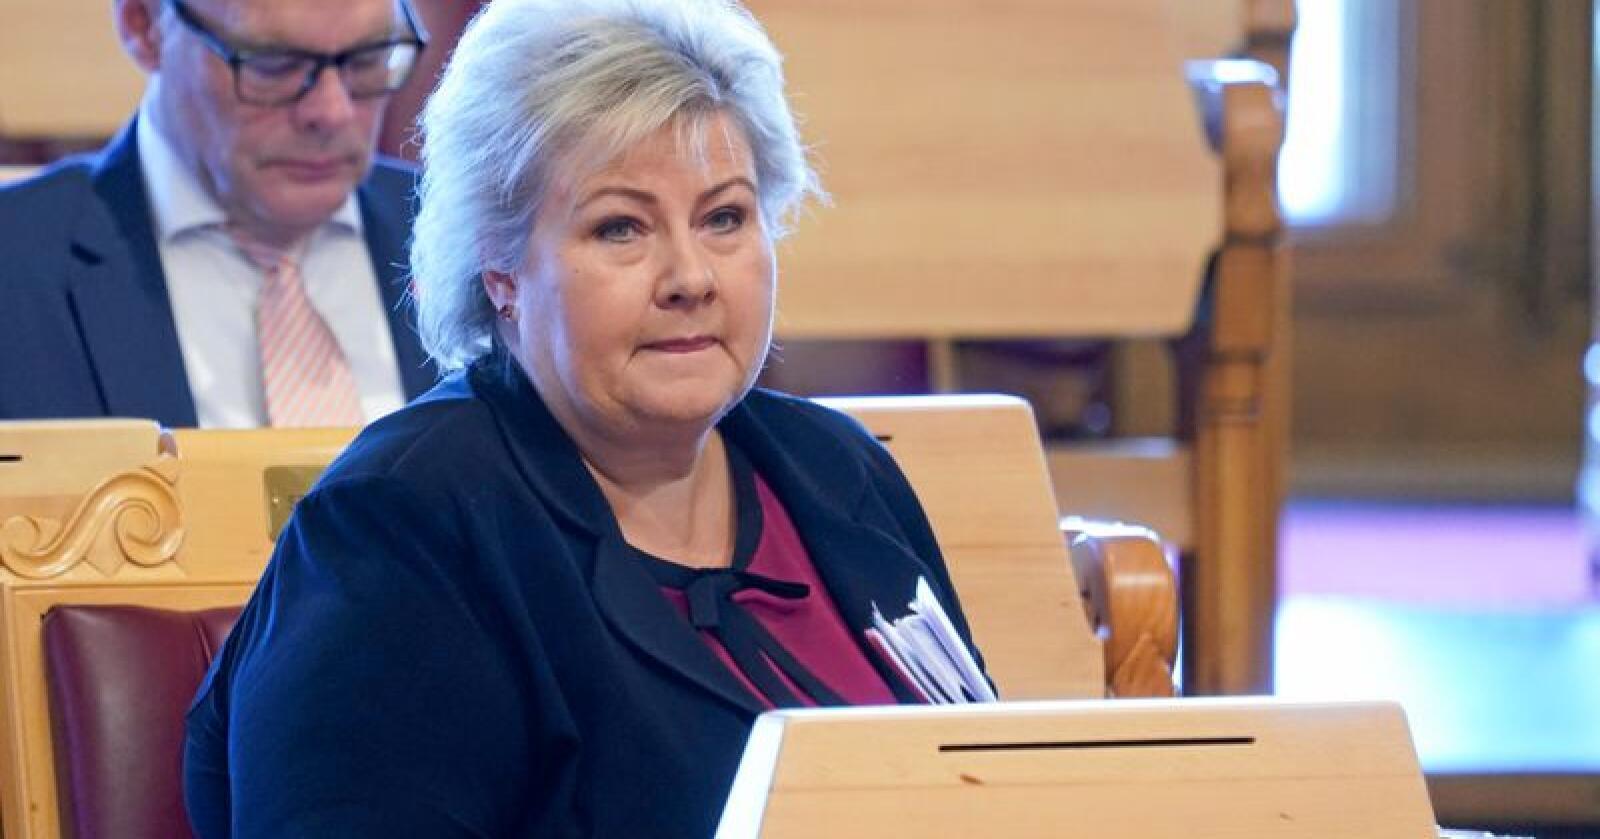 I et skriftelig svar til stortingsrepresentant Emile Enger Mehl (Sp) innrømmer statsminister Erna Solberg (H) at Oslo-regionen er overrepresentert i offentlig oppnevnte utvalg og råd. Foto: Terje Pederesen / NTB scanpix